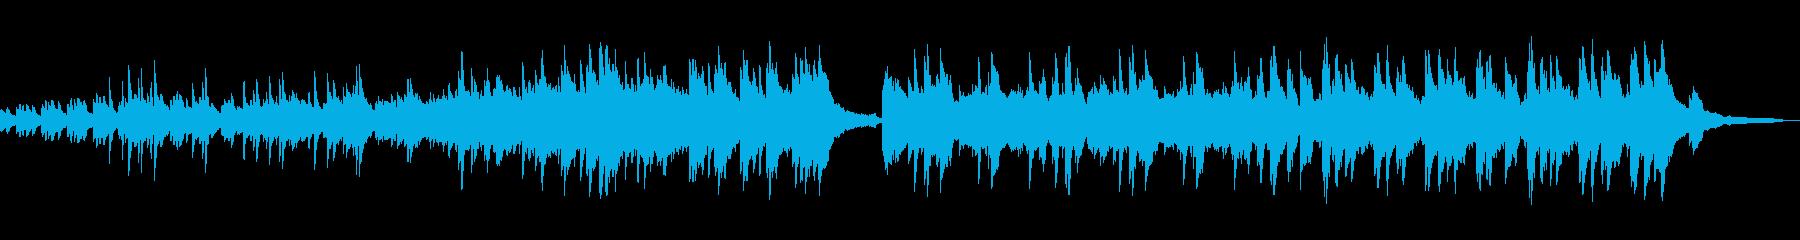 軽快なピアノ曲の再生済みの波形